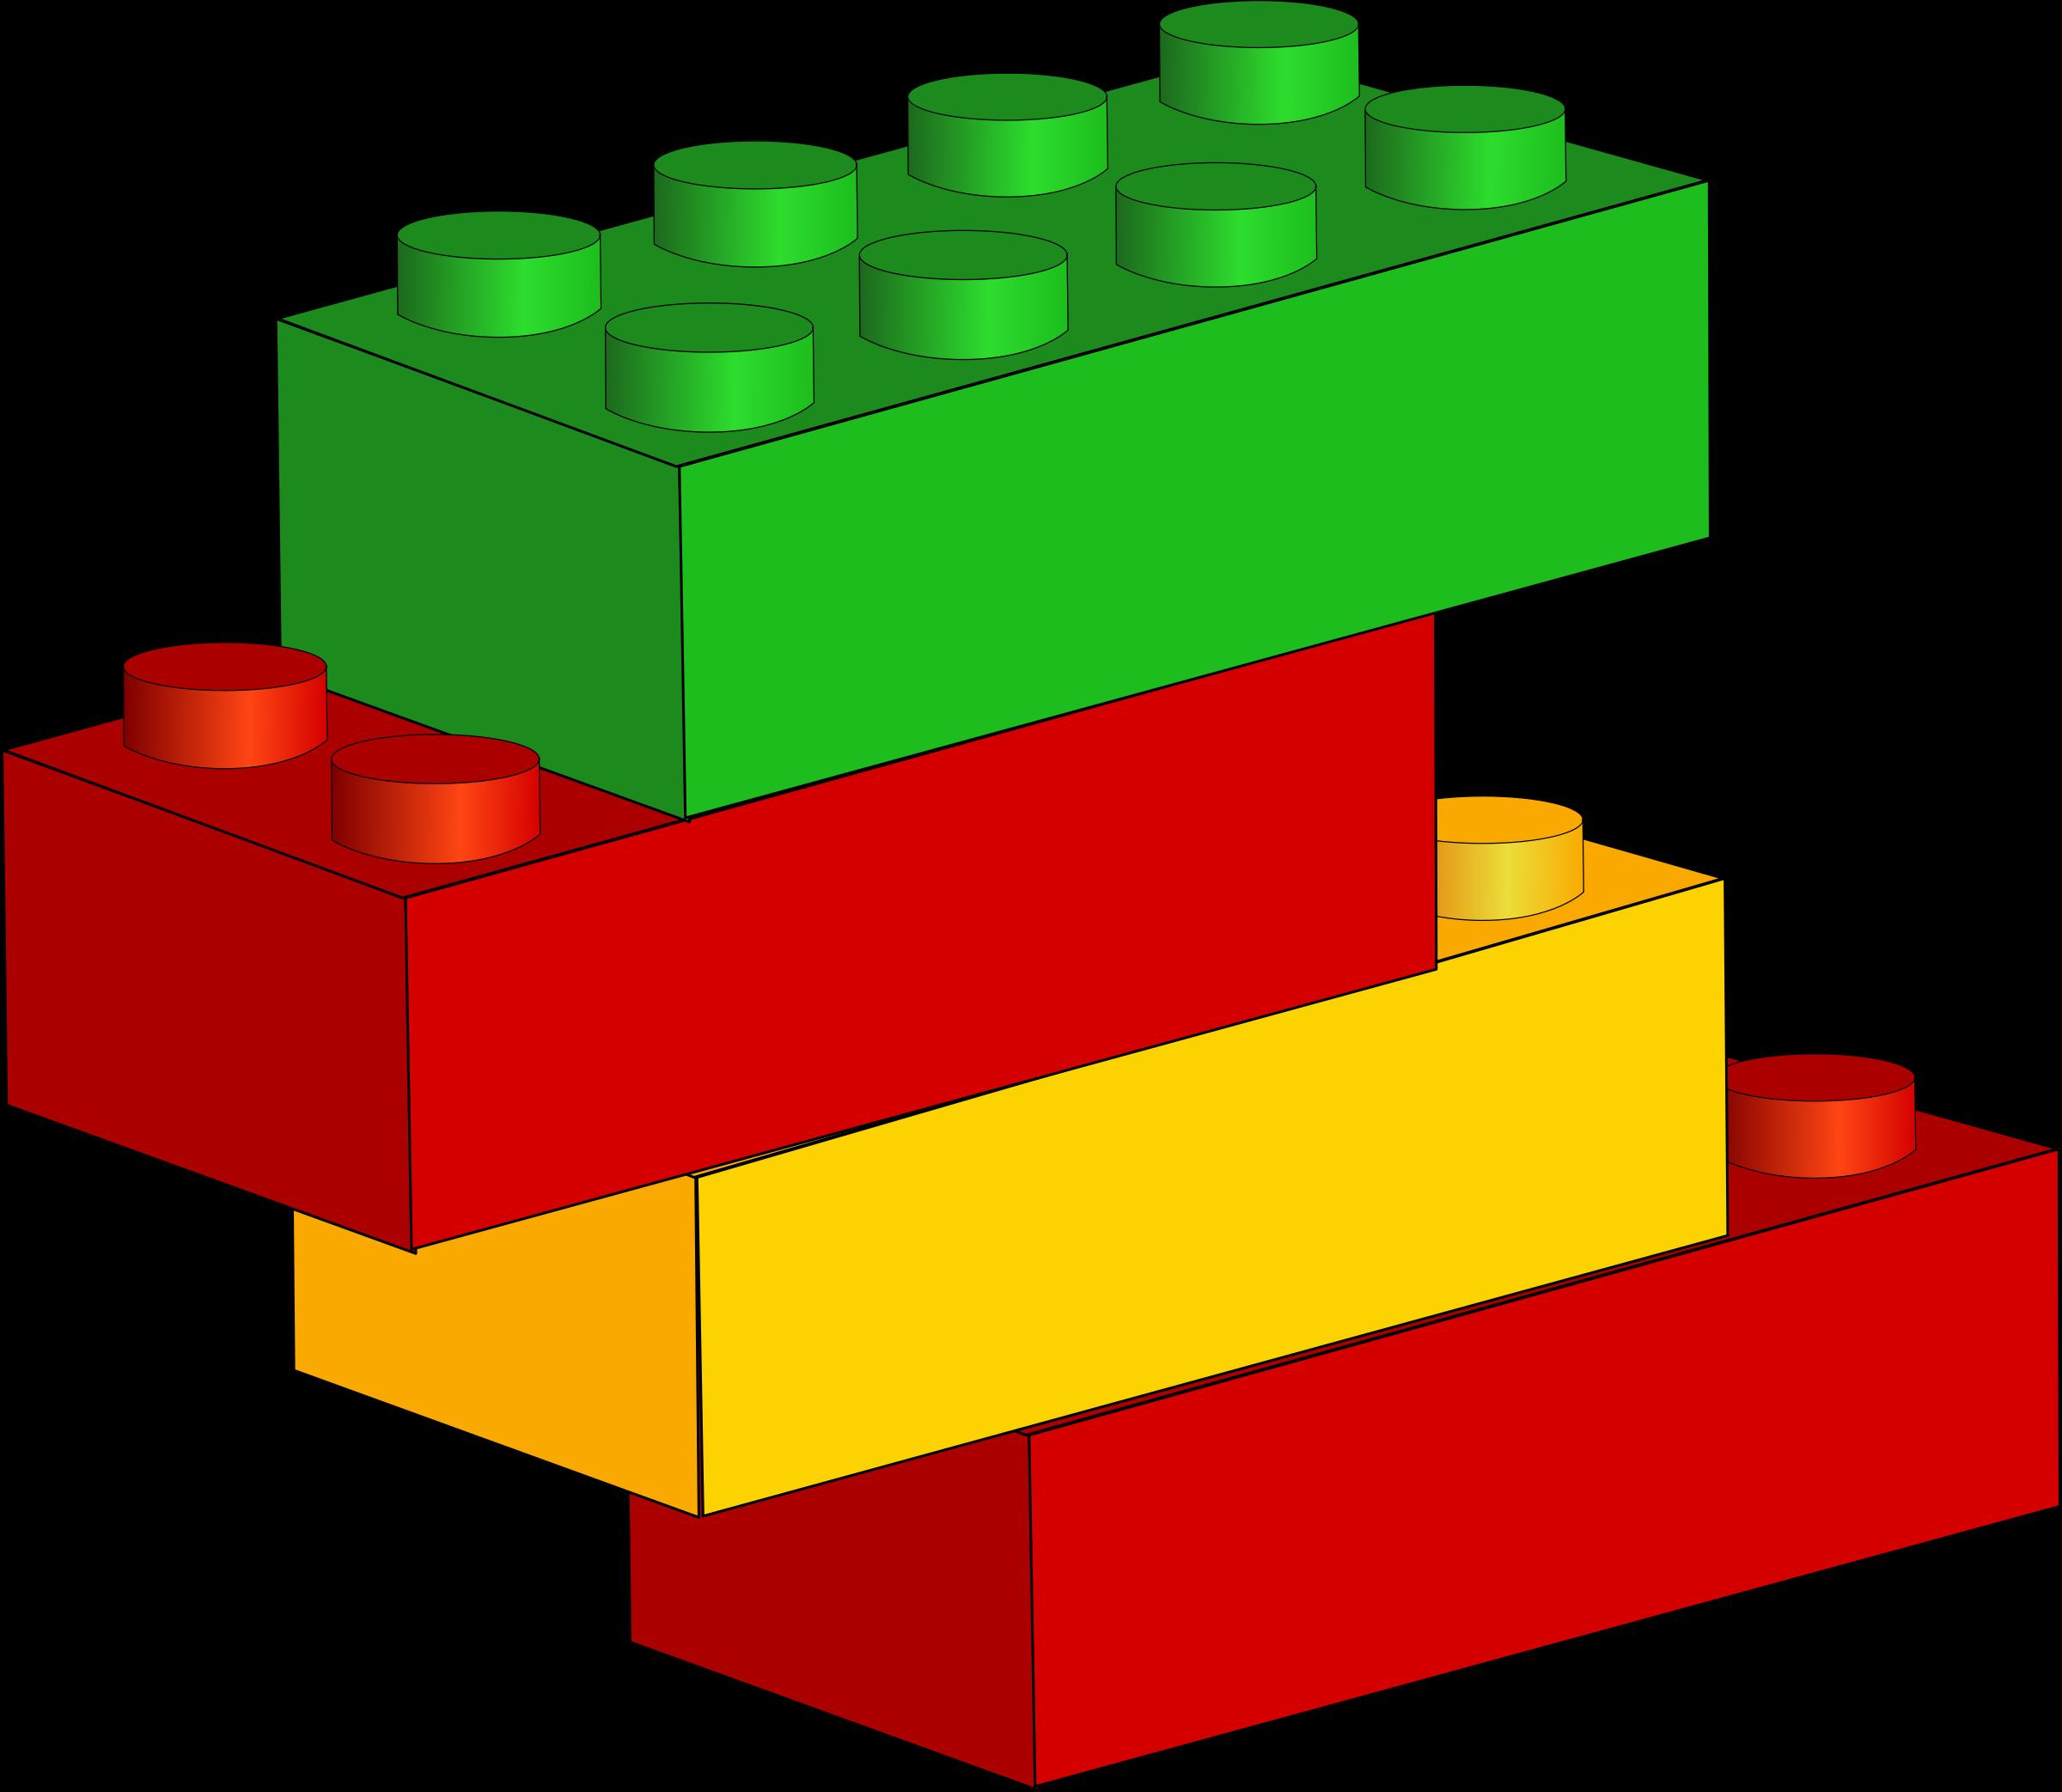 Lego Clip Art-Lego Clip Art-10